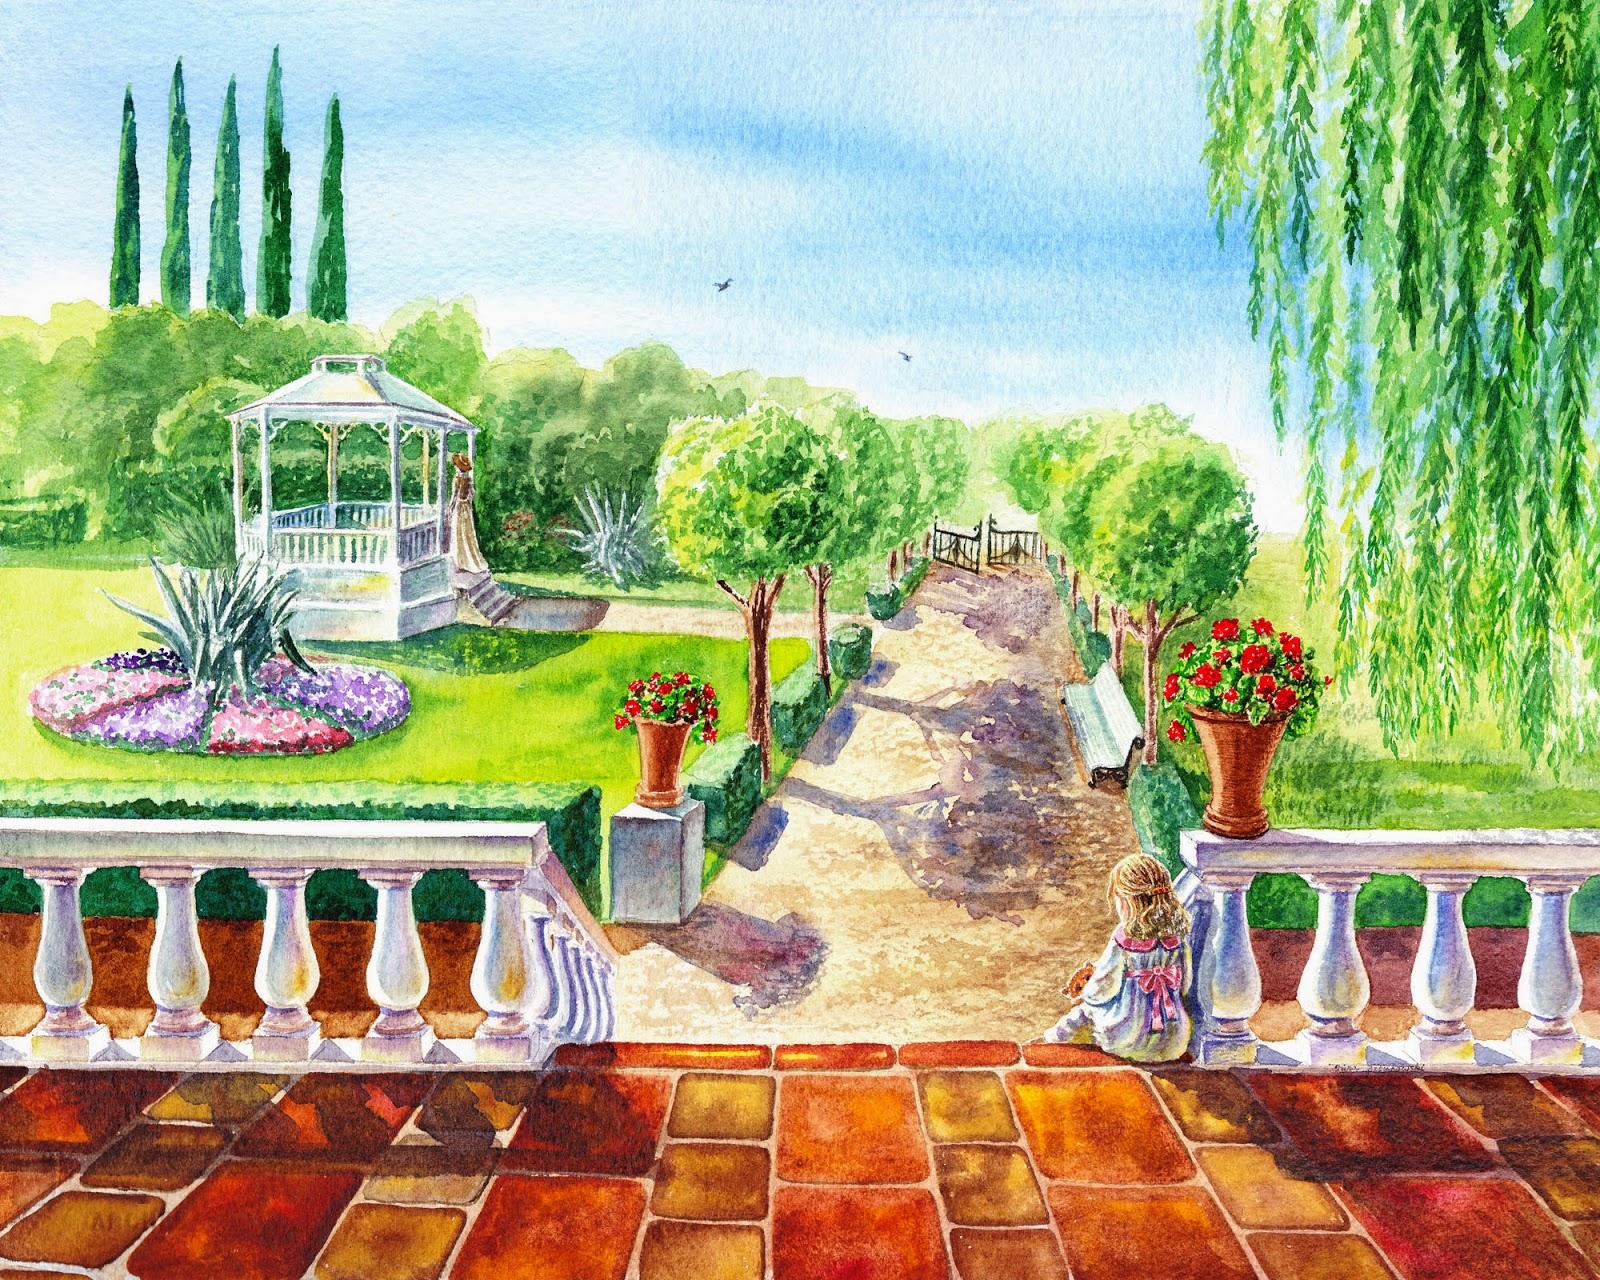 realism in watercolor gazebo